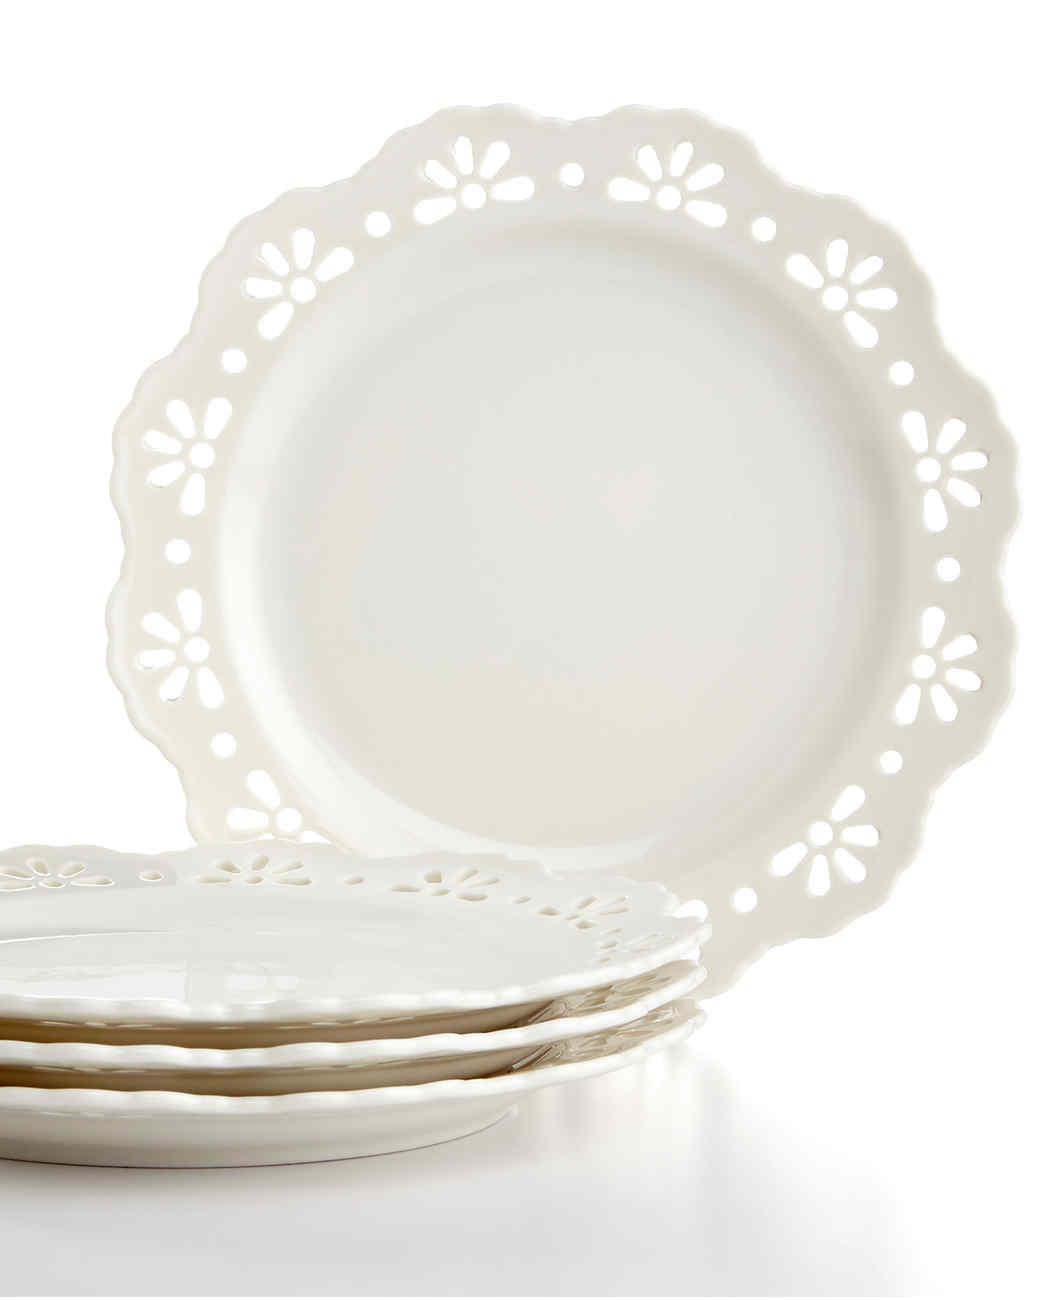 msmacys-white-4dessertplates-mrkt-714.jpg